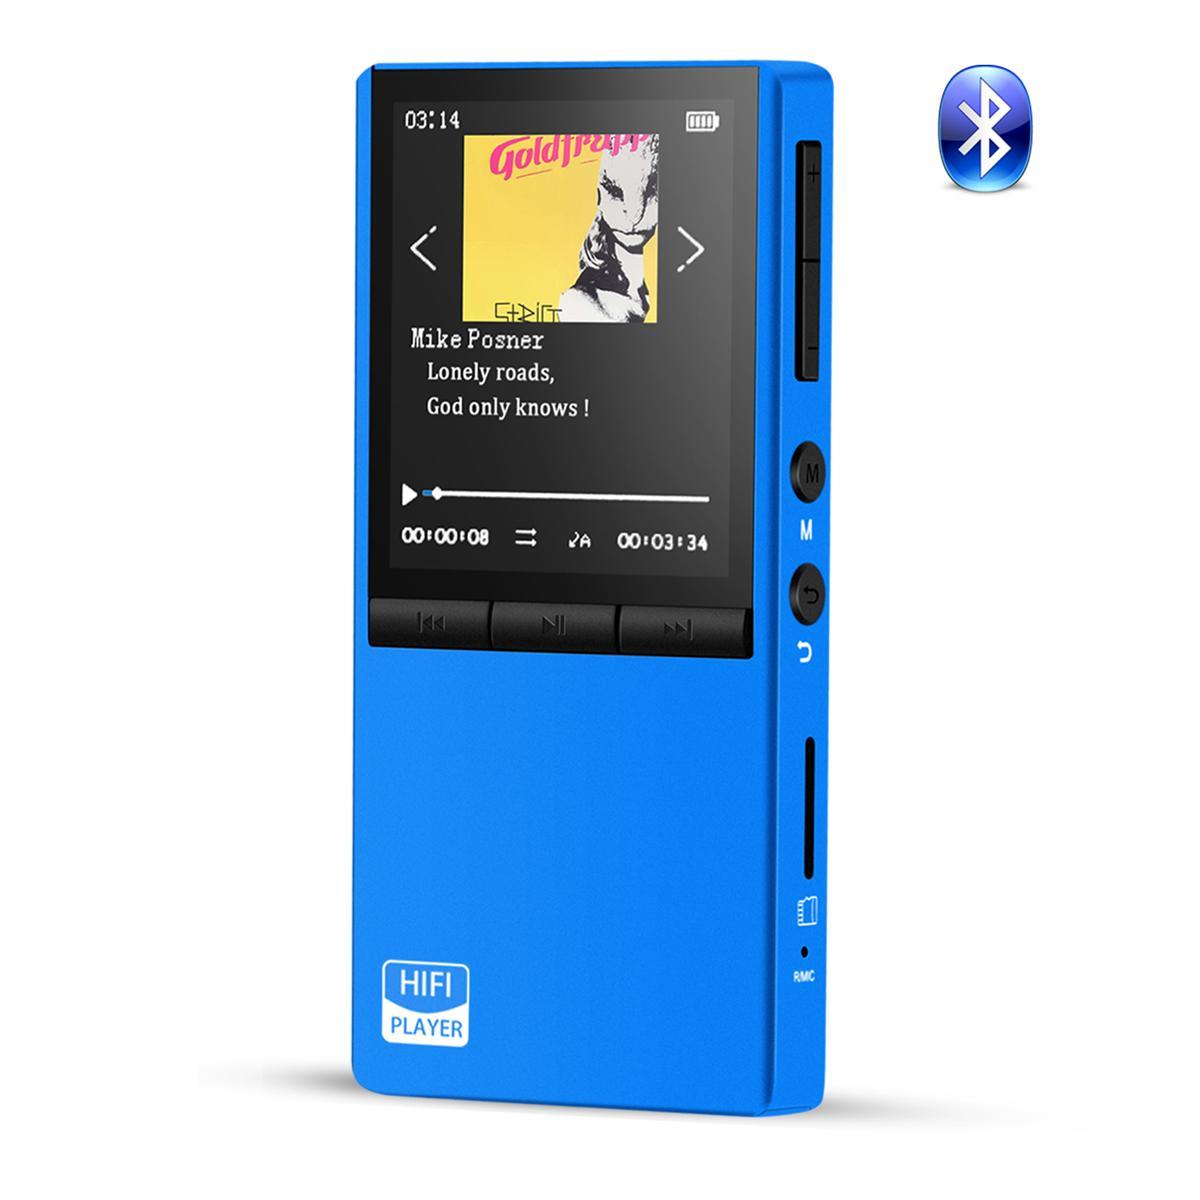 Bluetooth4.0 MP3プレーヤー 高音質 音楽プレーヤー 内蔵8GB マイクロSDカード128GBに対応 両耳イヤホンジャック付 ブルー HOMMIE